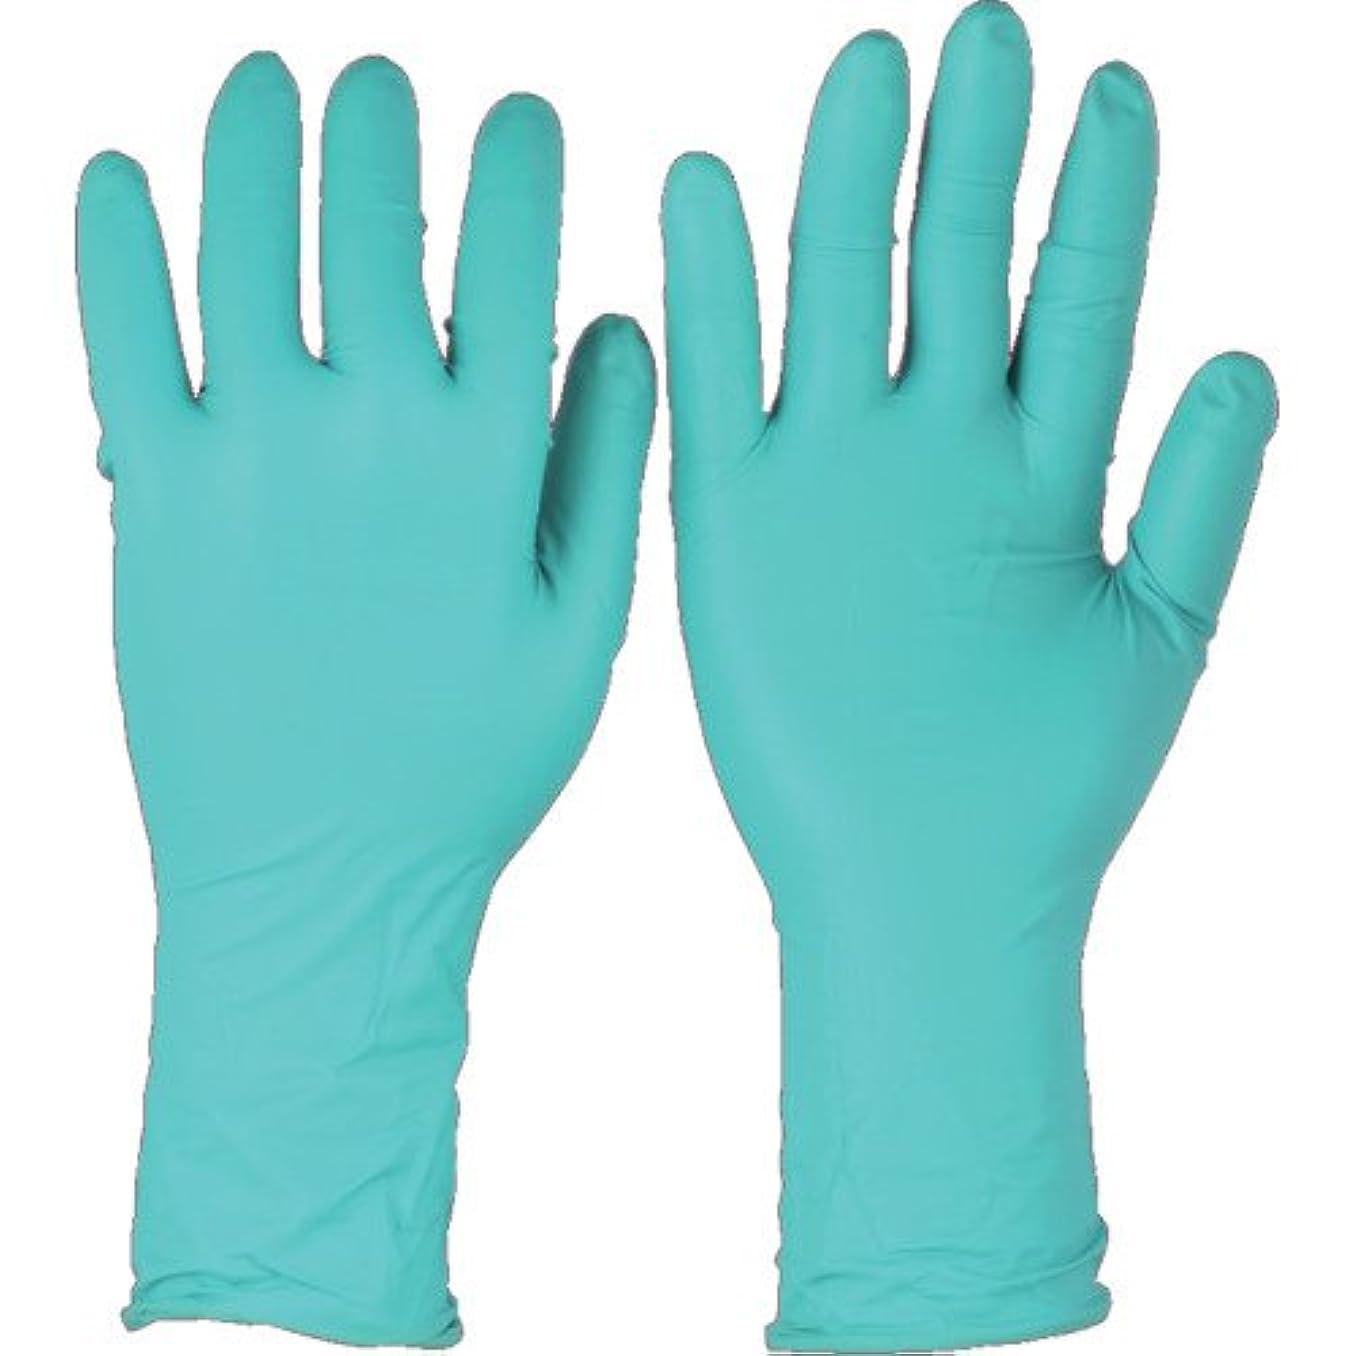 トラスコ中山 アンセル ネオプレンゴム使い捨て手袋 マイクロフレックス 93-260 Sサイズ (50枚入)  932607